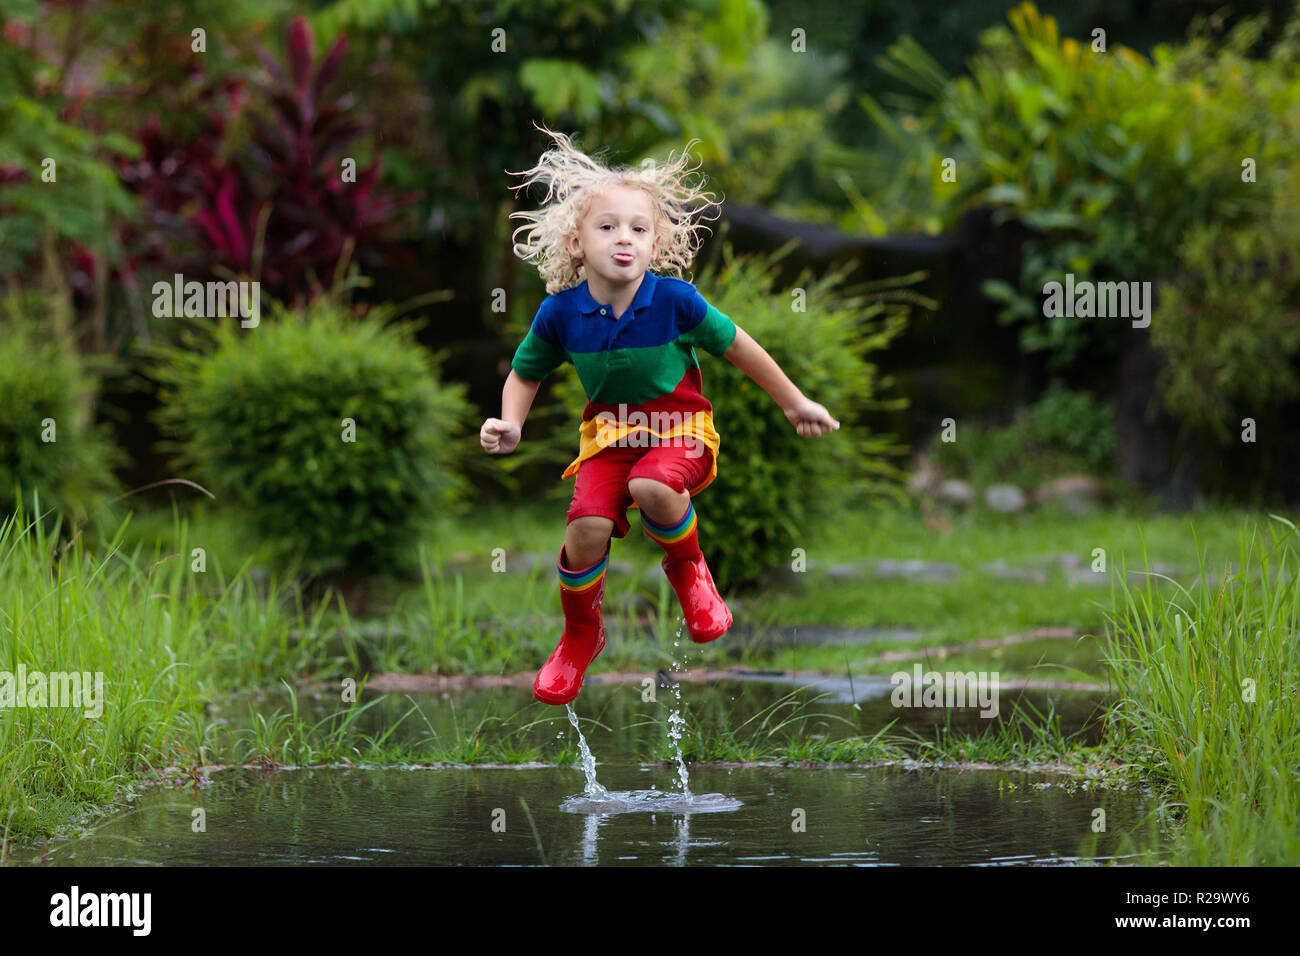 Türkis Blaue Stiefel Auf Mädchen Spielen Im Wasser Pfütze